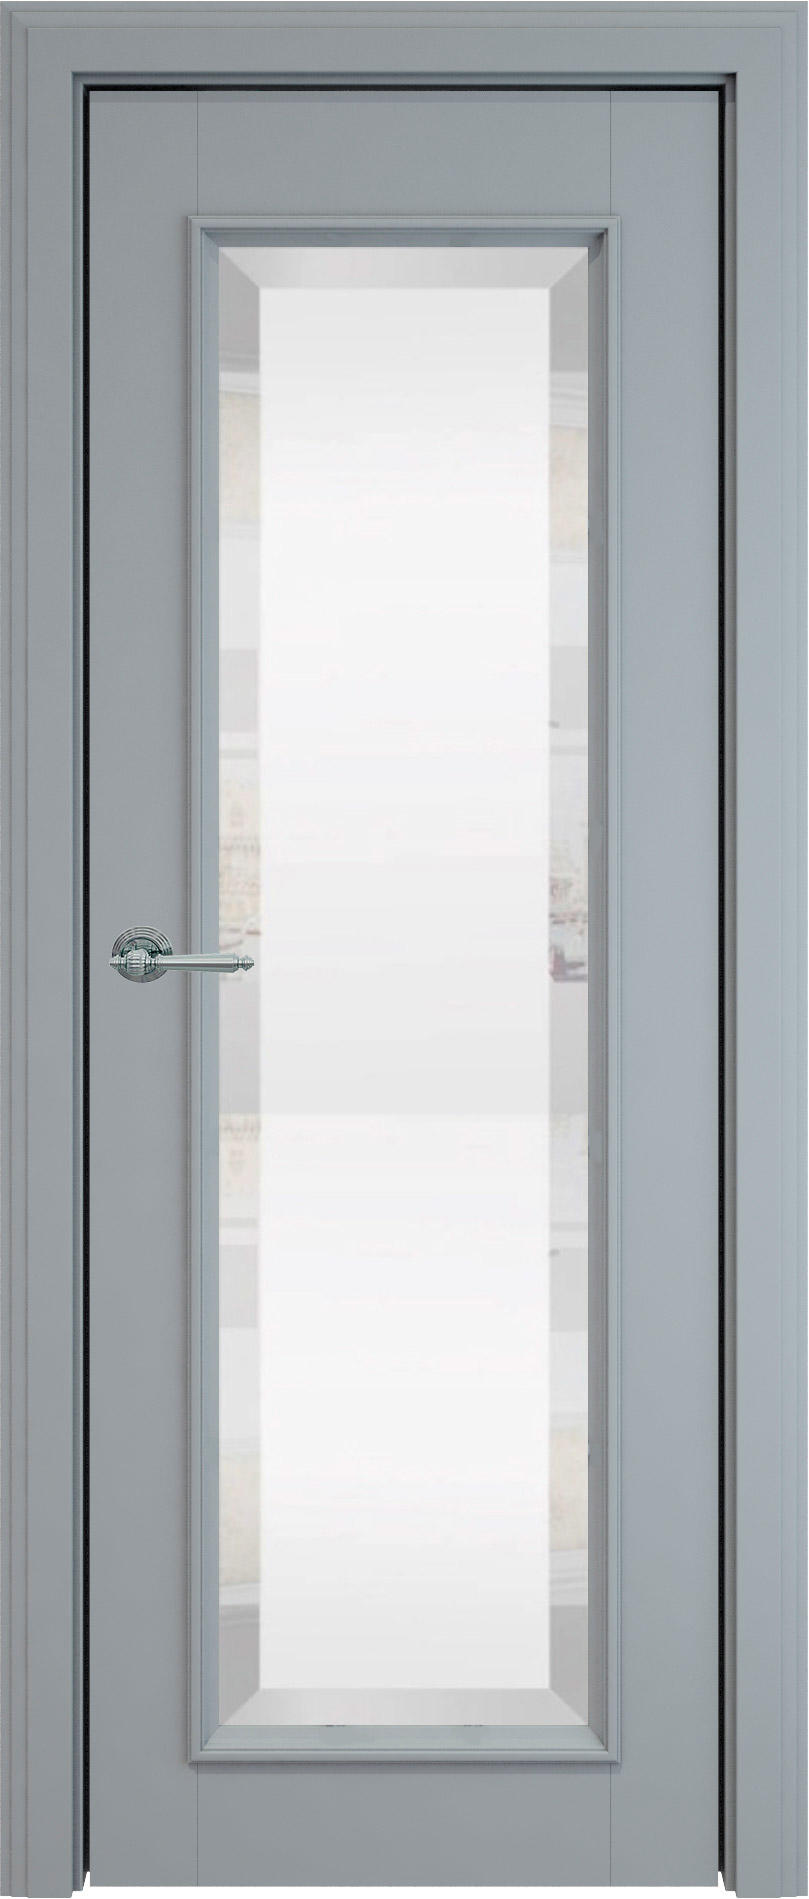 Domenica LUX цвет - Серебристо-серая эмаль (RAL 7045) Со стеклом (ДО)